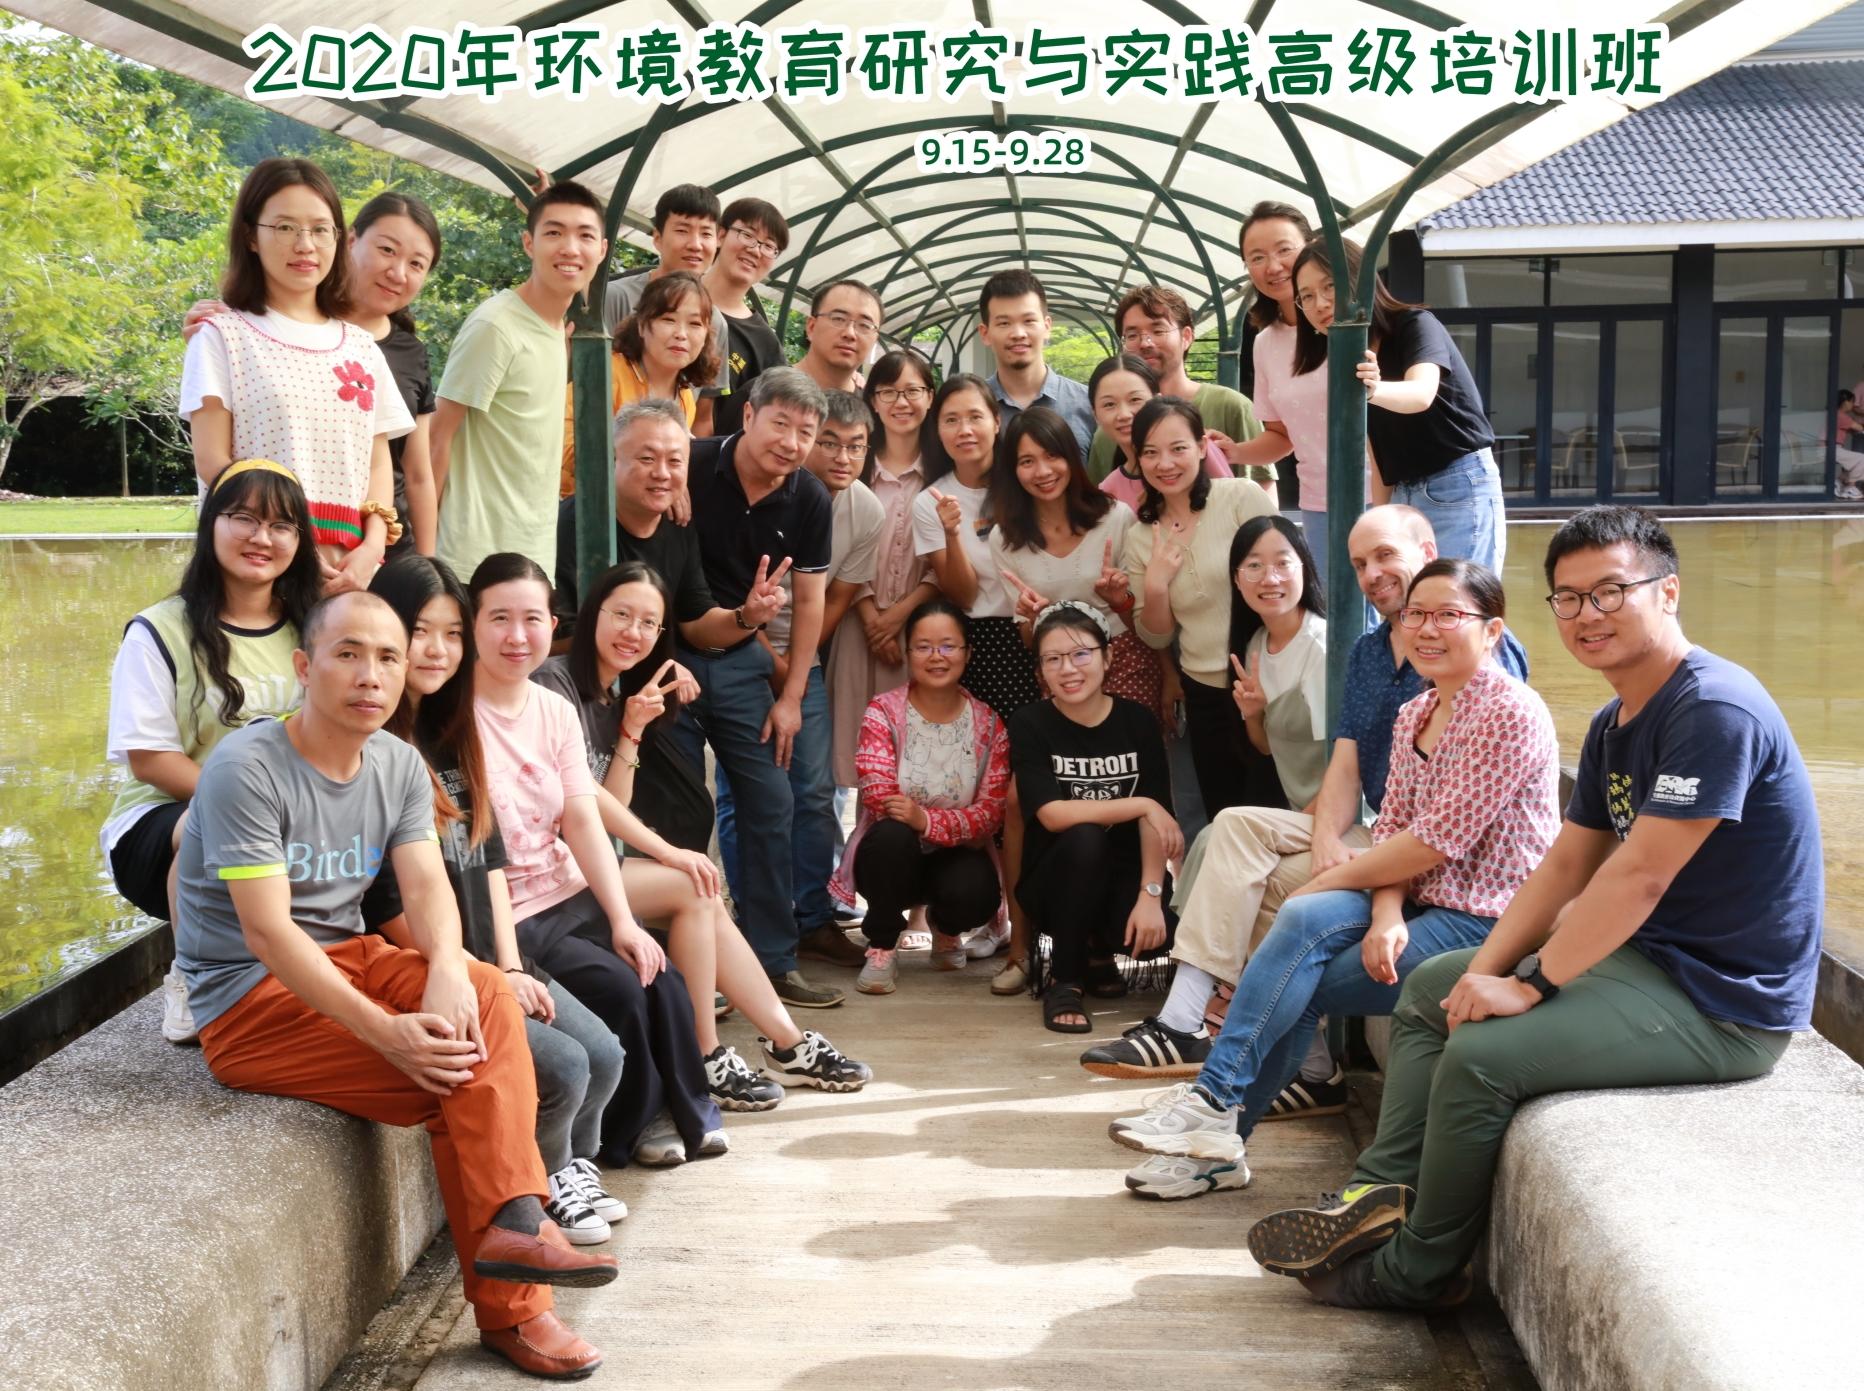 2020年环境教育研究与实践高级培训班顺利结课